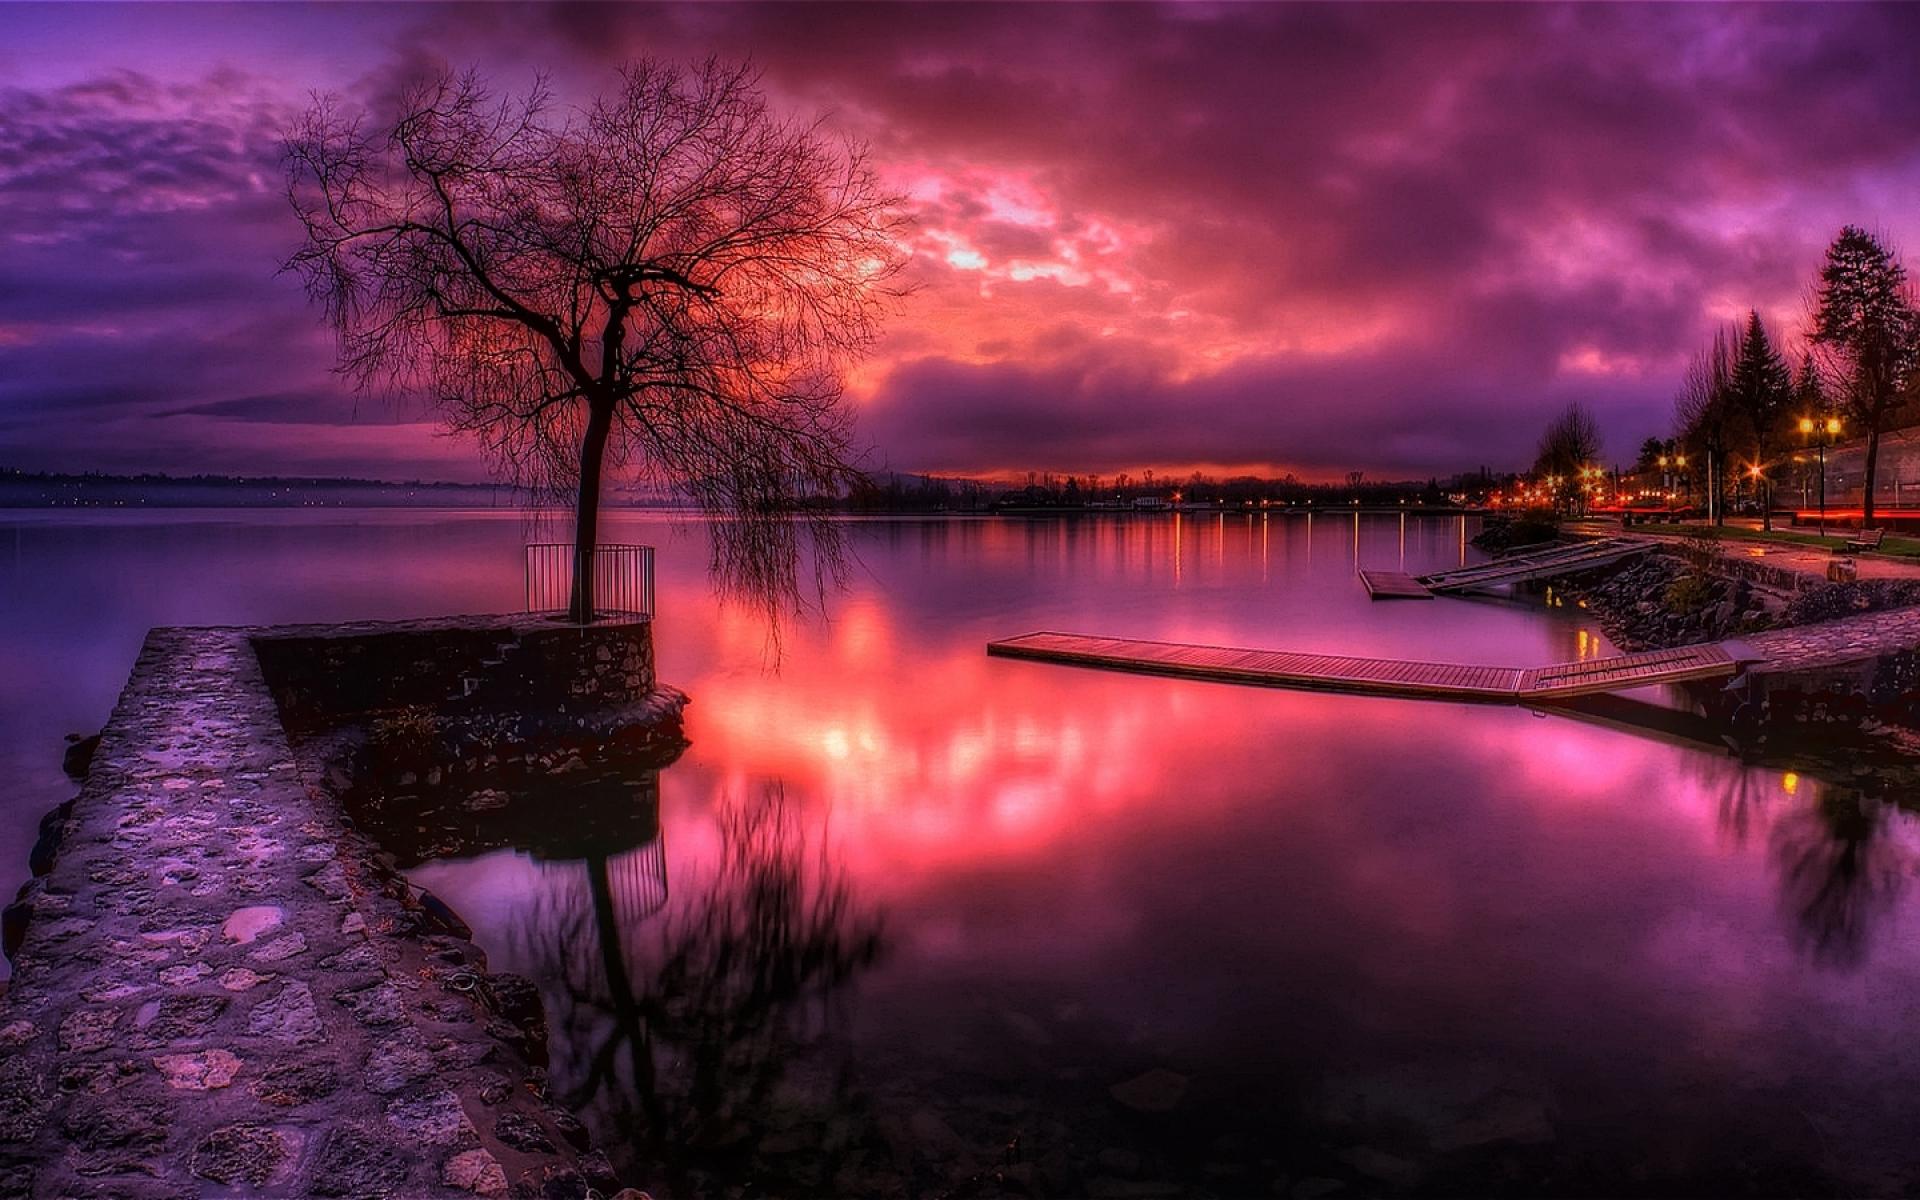 картинки фиолетовый пейзаж санитаров леса деревьев